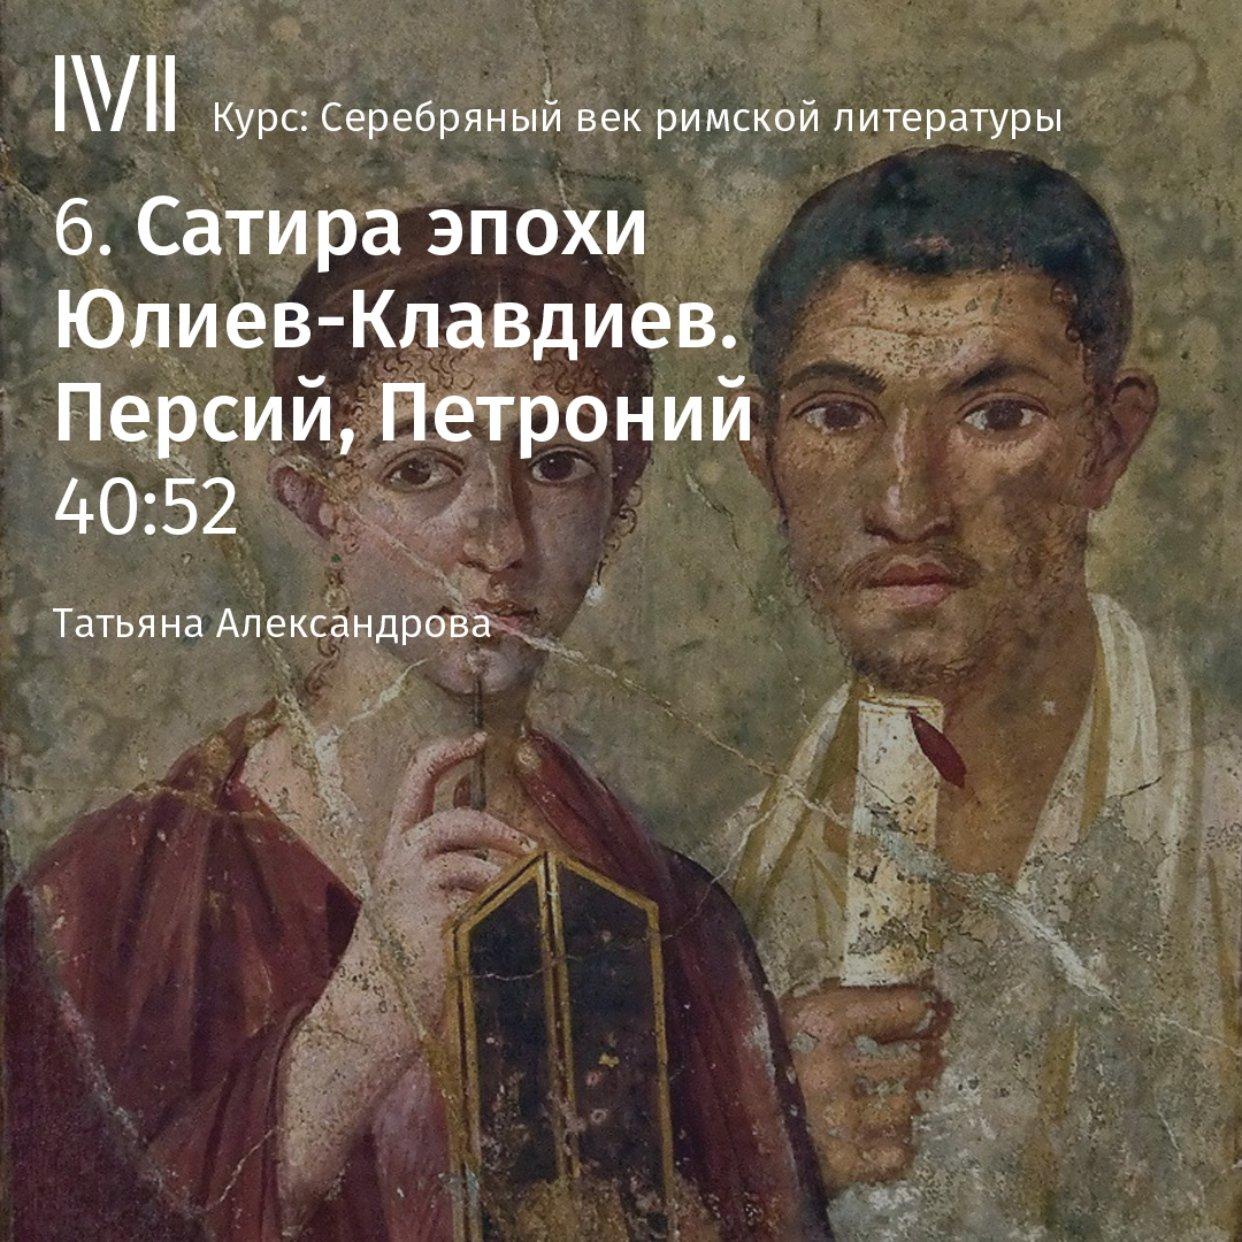 Сатира эпохи Юлиев-Клавдиев. Персий, Петроний